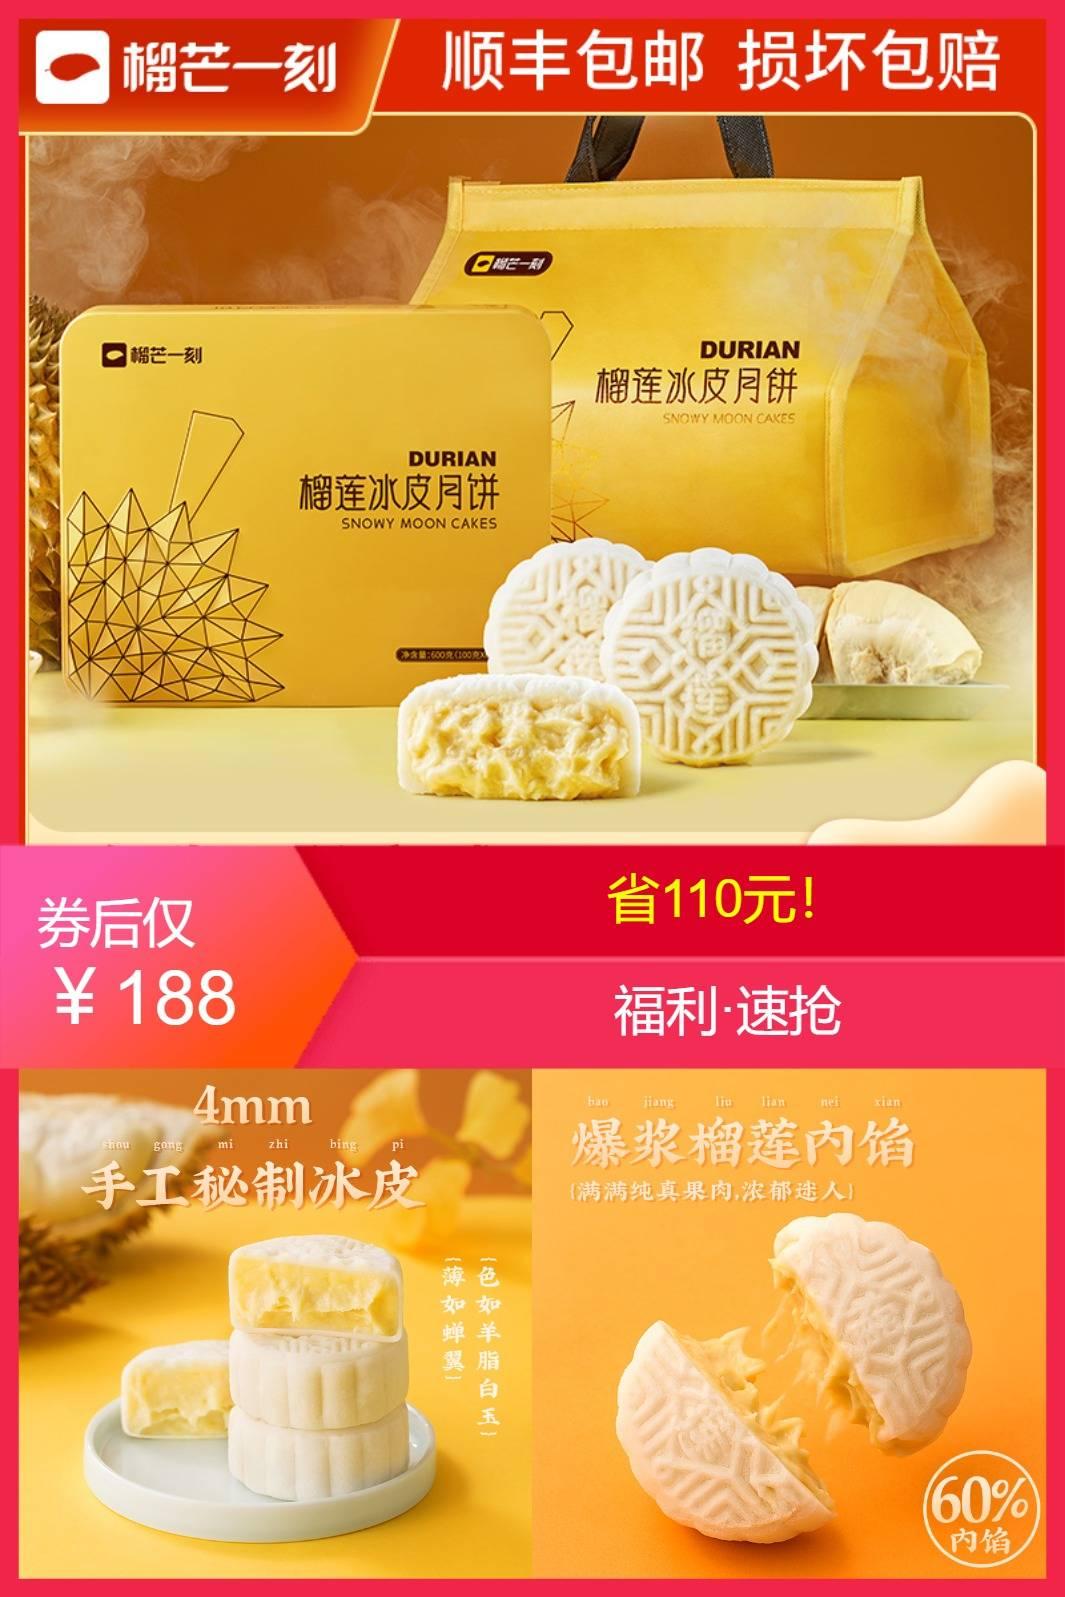 【榴芒一刻】榴莲冰皮月饼600g价格/优惠_券后188元包邮